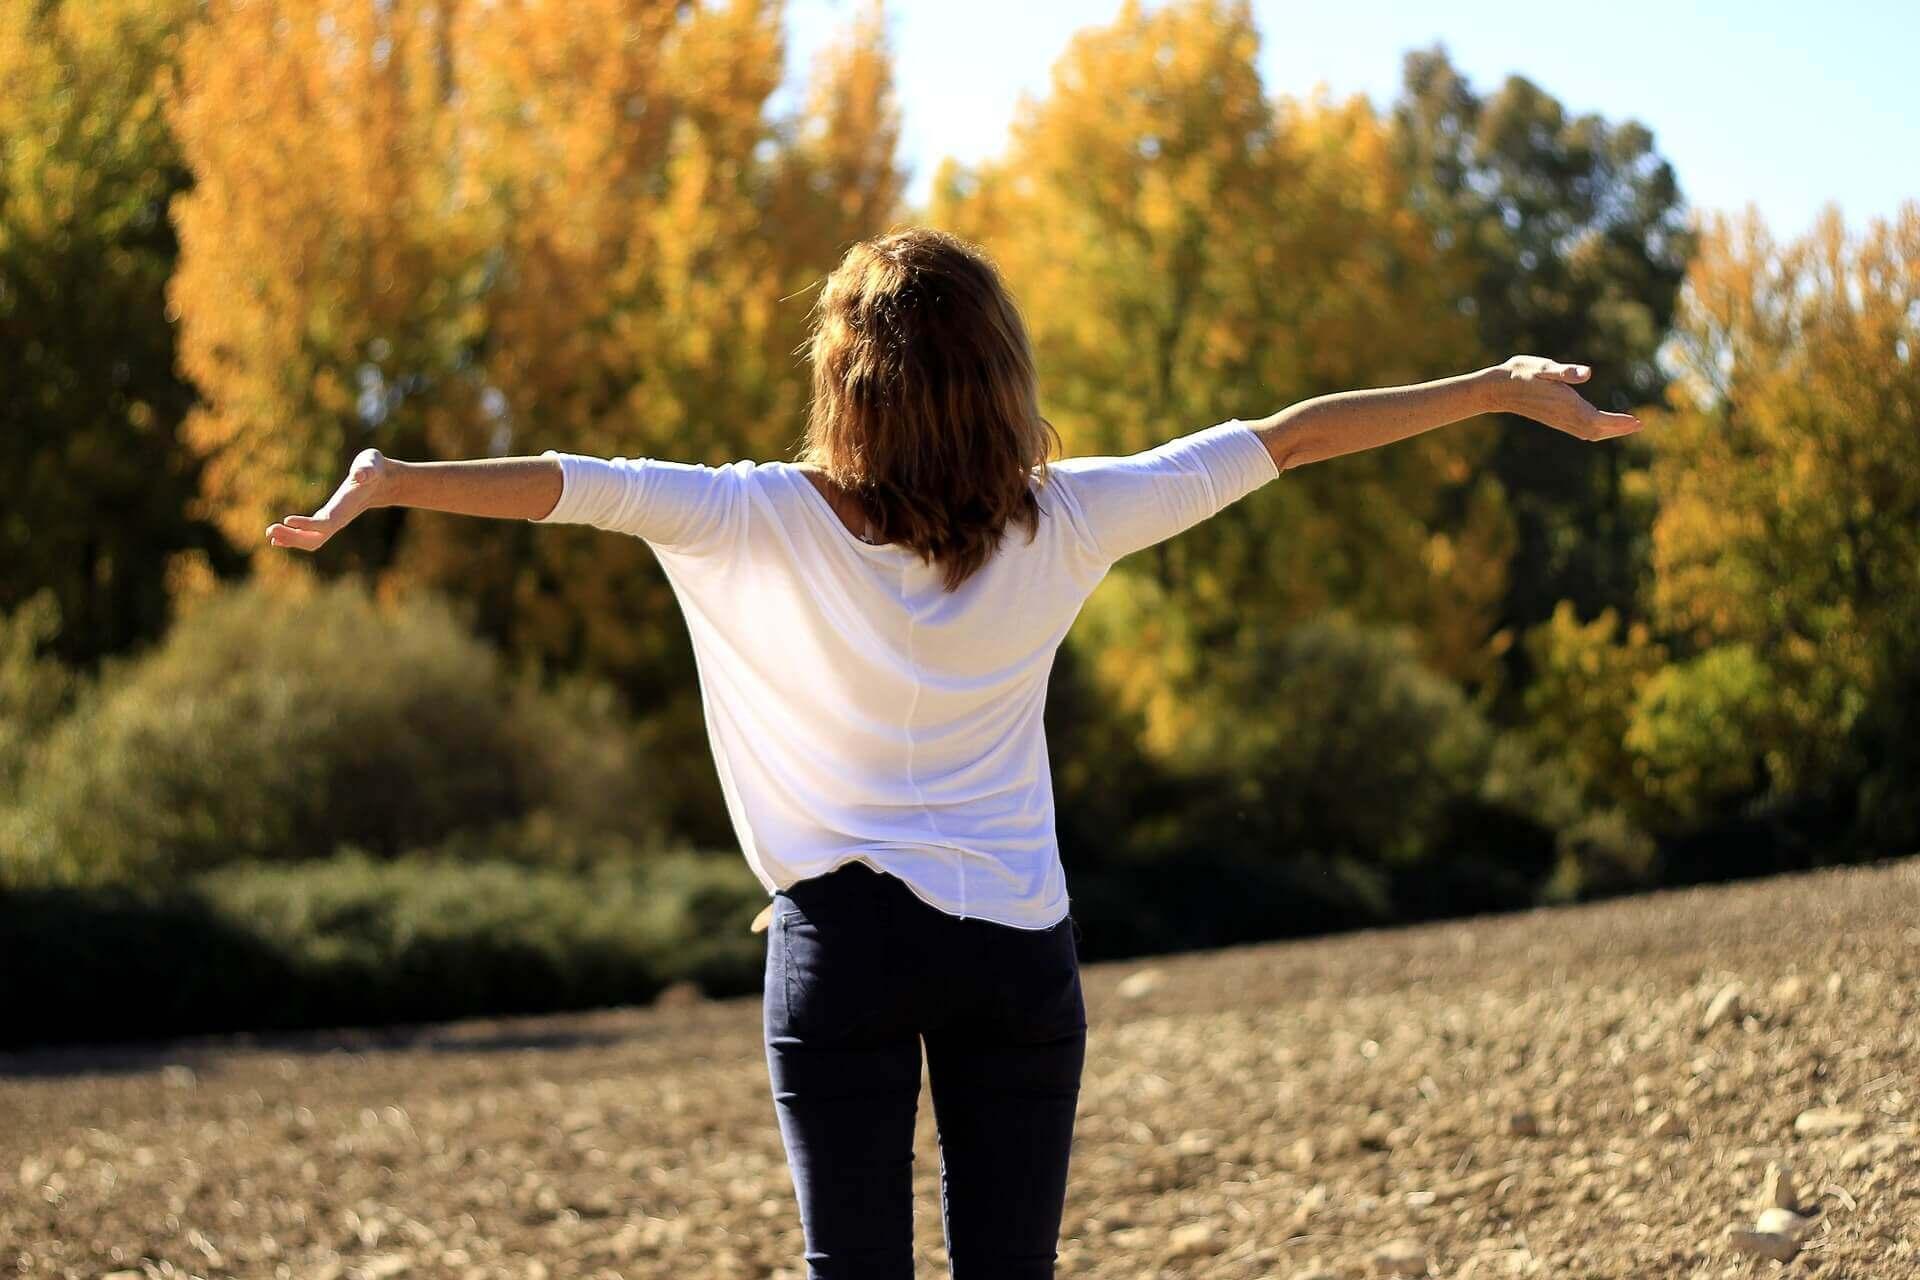 好好呼吸很重要!調整呼吸方式帶來 4 種好處